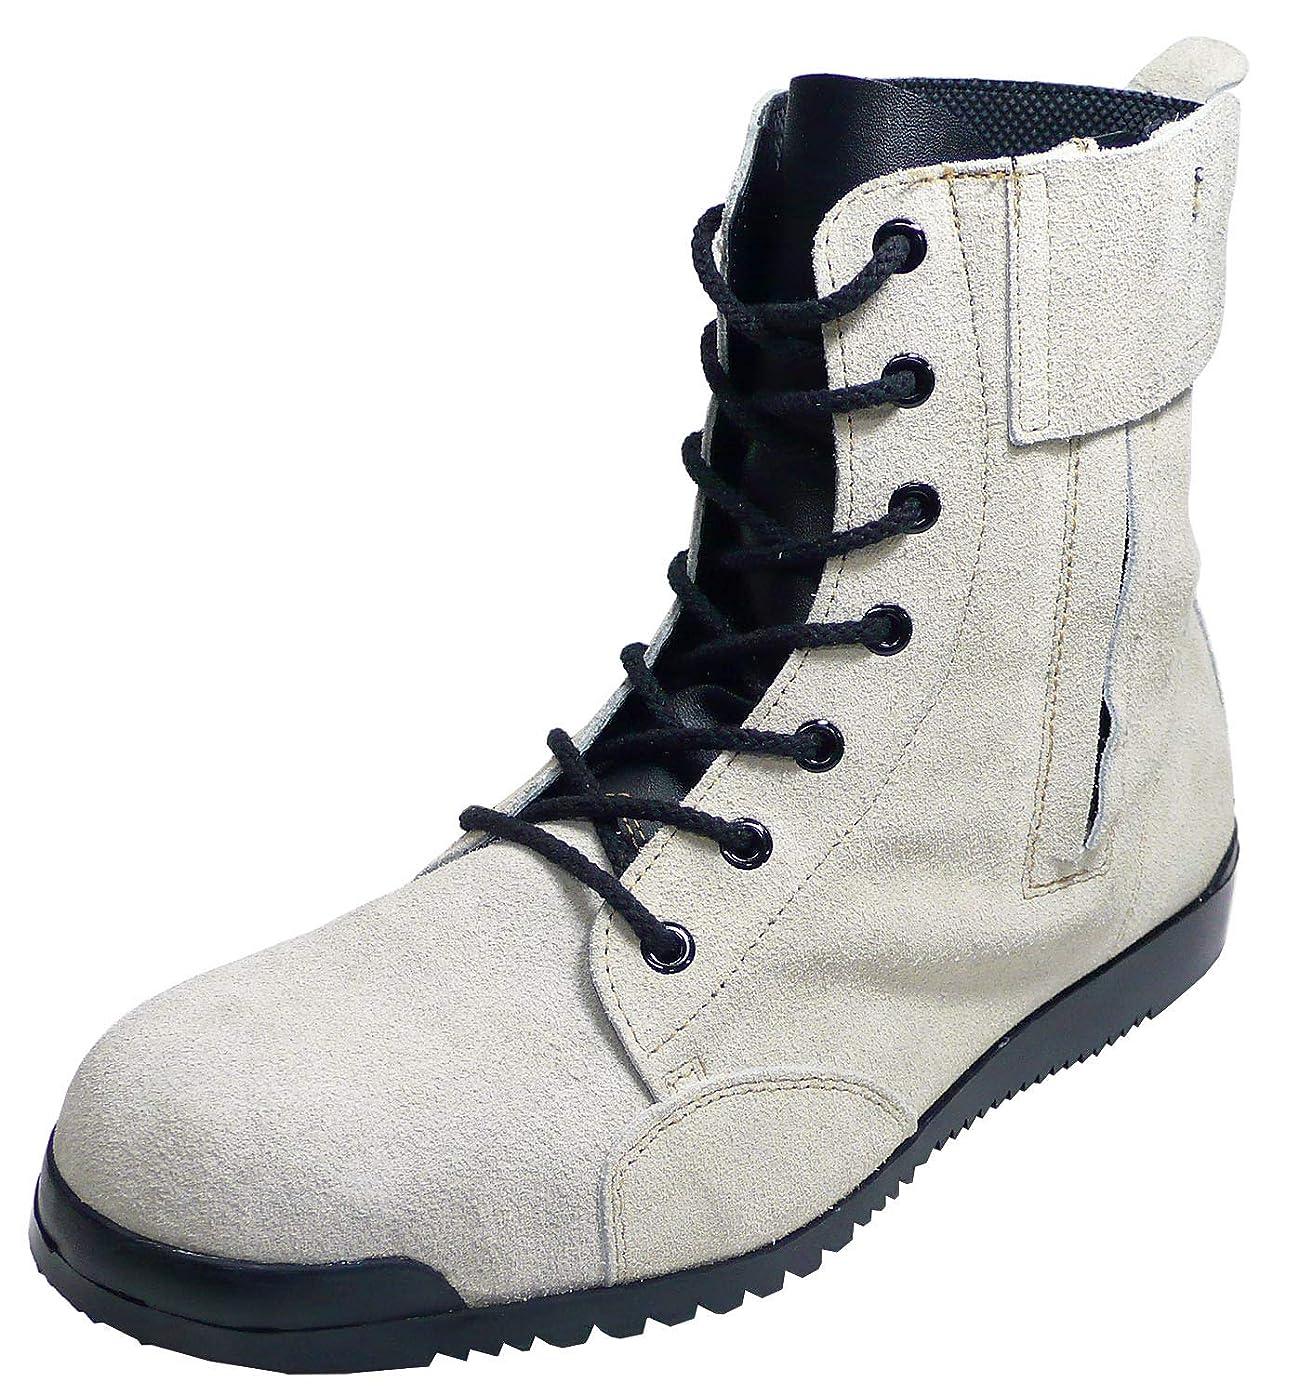 定常親密なサイレンみやじま鳶安全靴 踏み抜き防止鉄板入 JIS規格品 八分丈 Nosacks